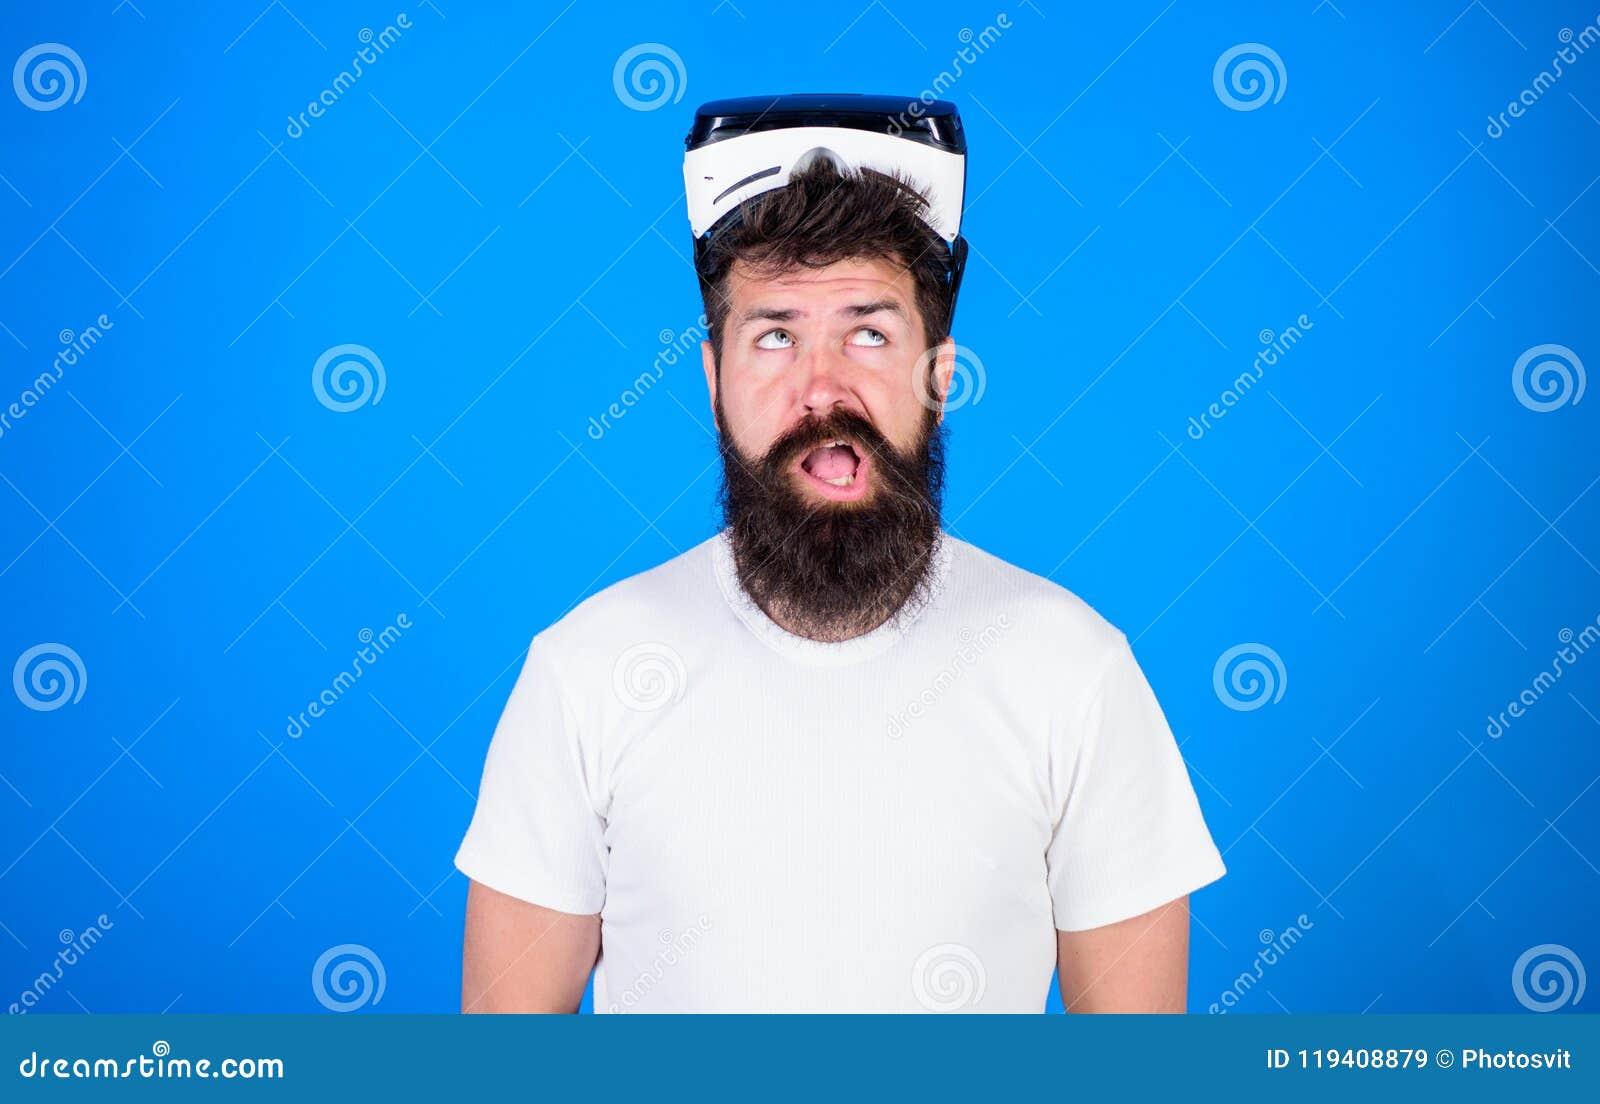 Man med skägget och mustaschen med VR-exponeringsglas, blå bakgrund Grabb med VR-exponeringsglas eller head monterad skärm Hipste